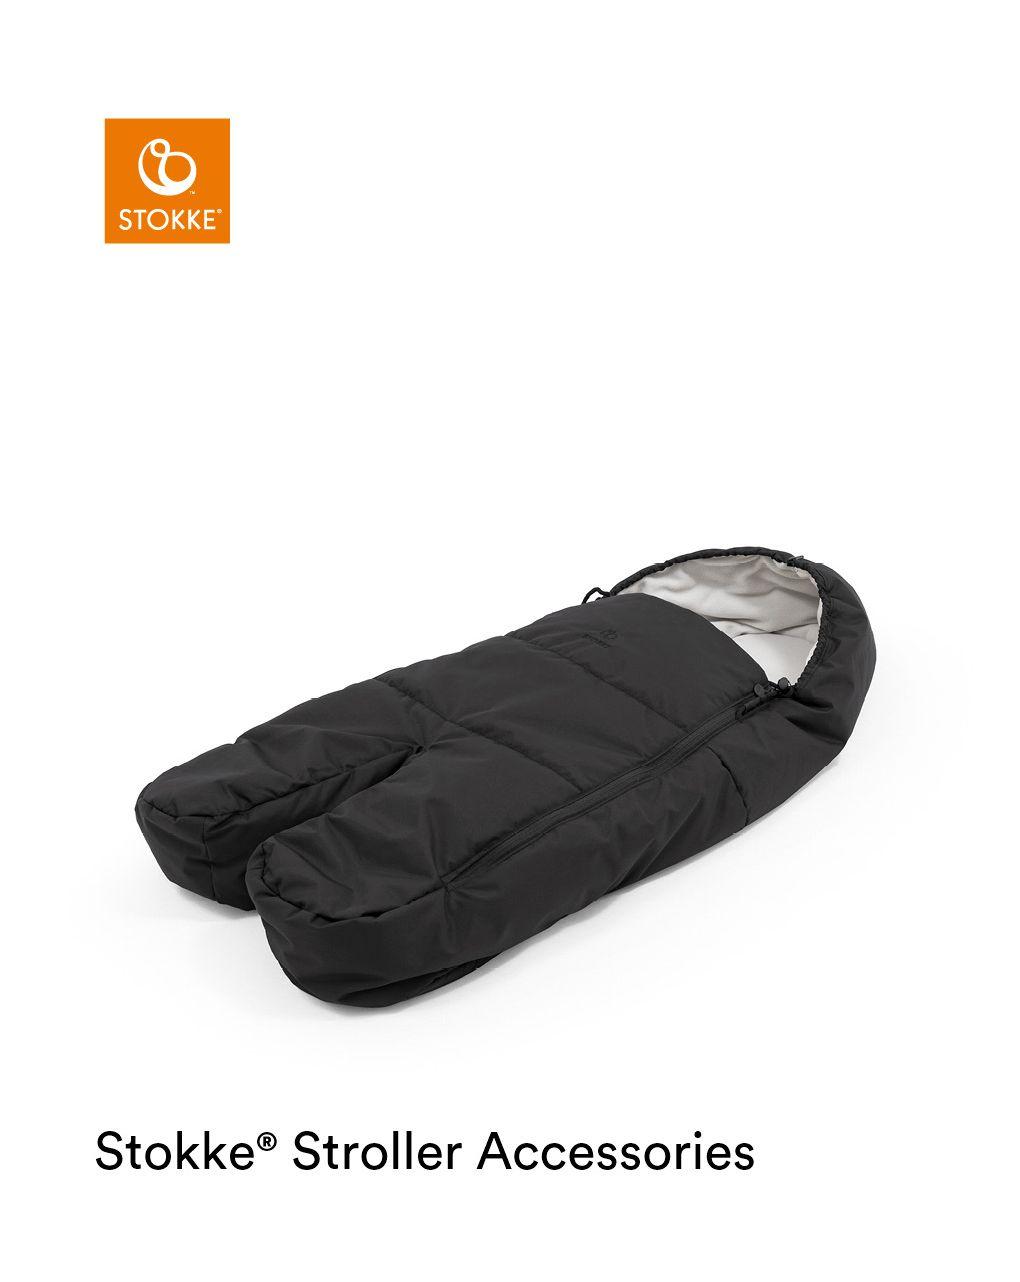 Sacco coprigambe stokke® xplory® x caldo, comodo e con spazio per muoversi - Stokke